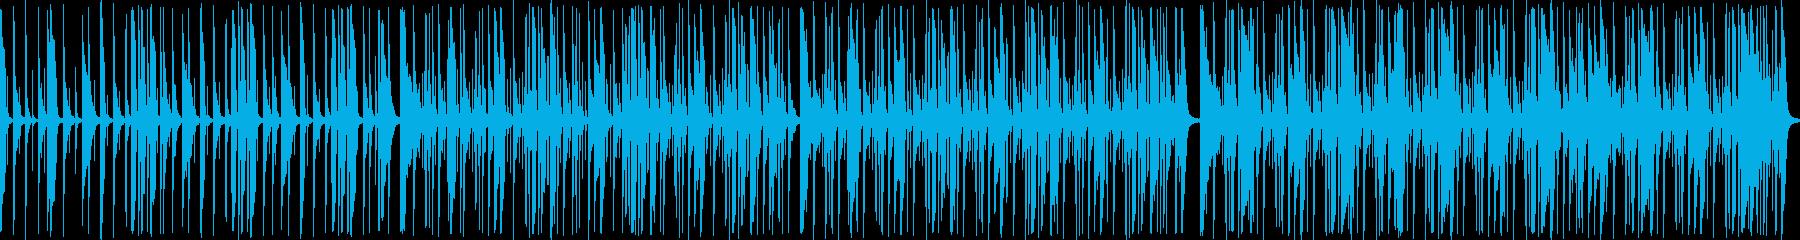 響きが力強くておしゃれなメロディーの再生済みの波形